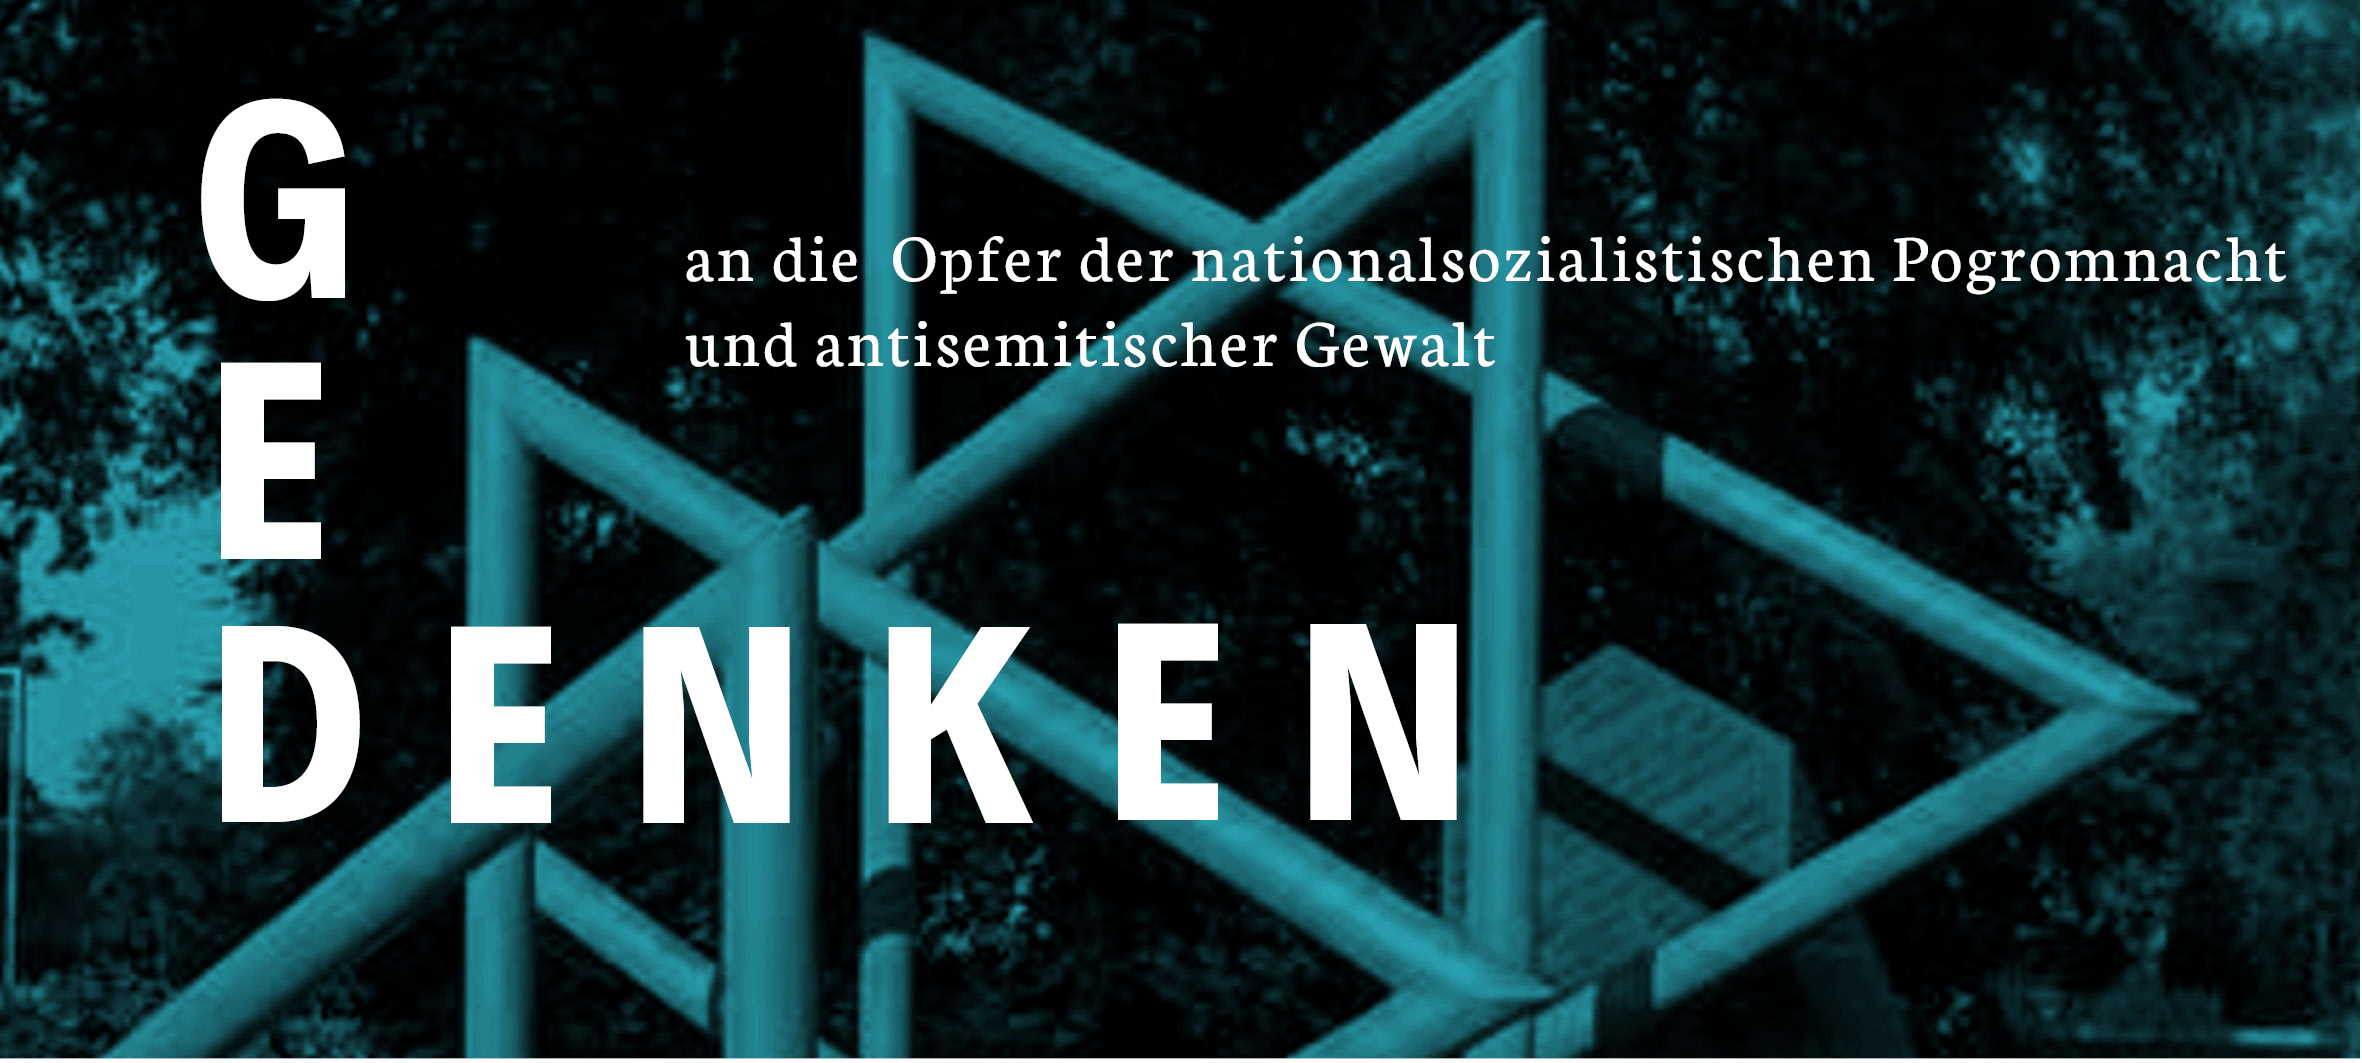 Absage des öffentlichen Gedenkens am 9. November in Dorstfeld